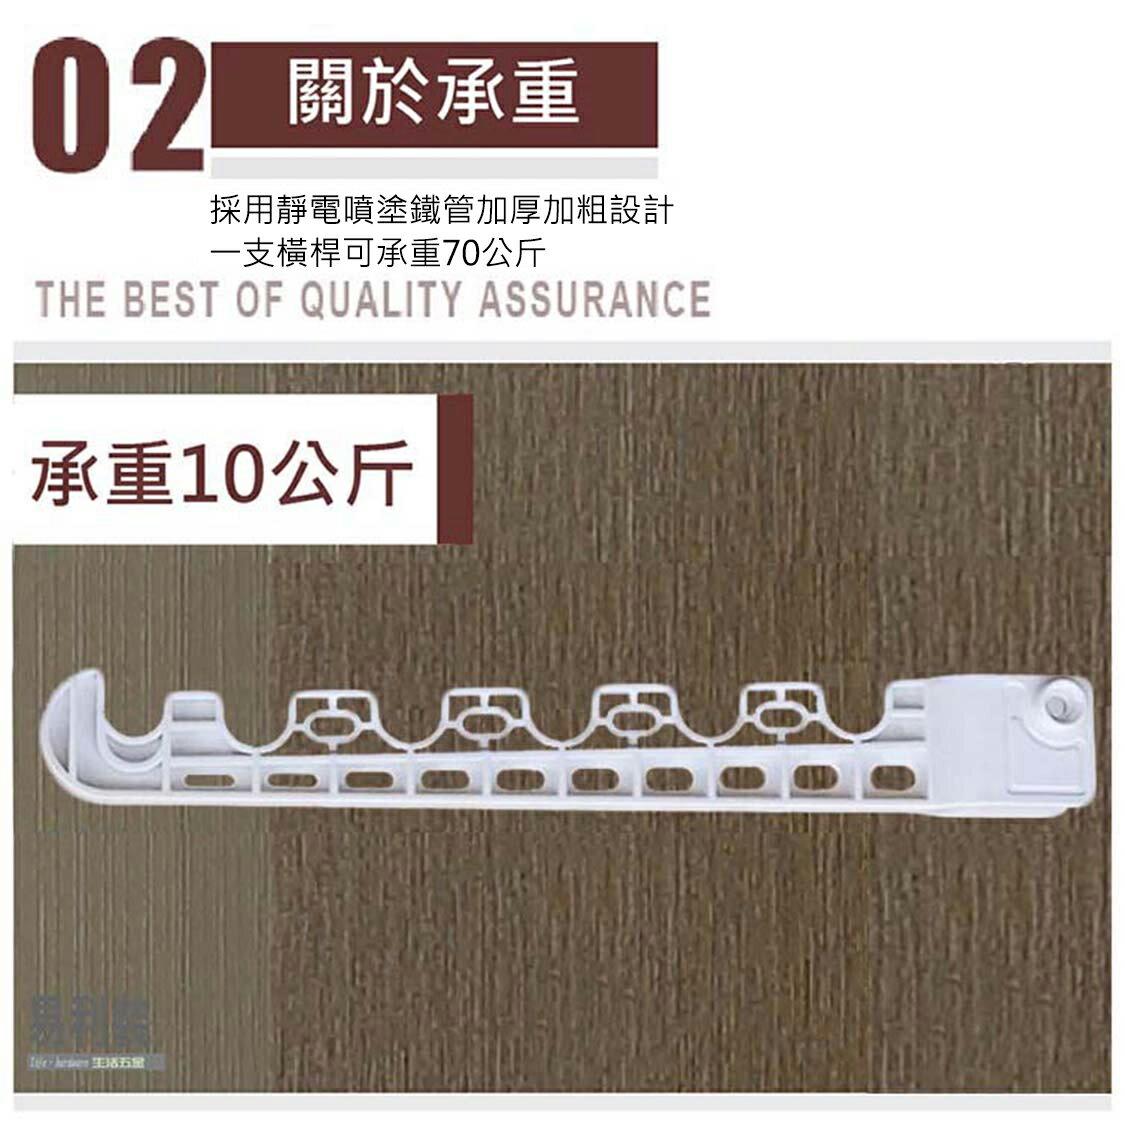 ECR011-1 頂天立地組合 易利裝生活五金 掛衣架 收納架 置物架 節省空間 免鑽孔 免釘 2